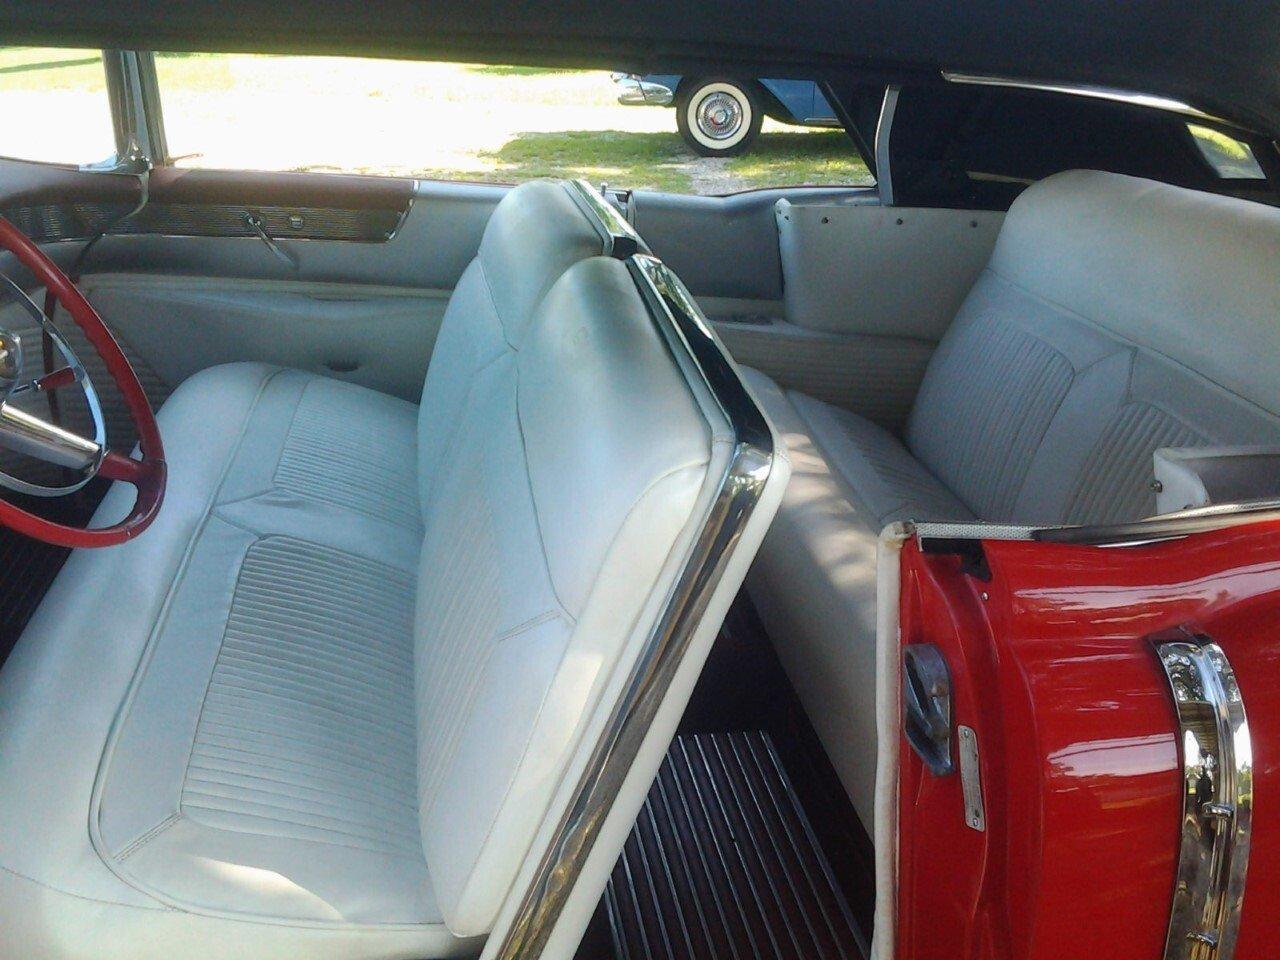 Cadillac Eldorado Classics For Sale On Autotrader Fuel Filter